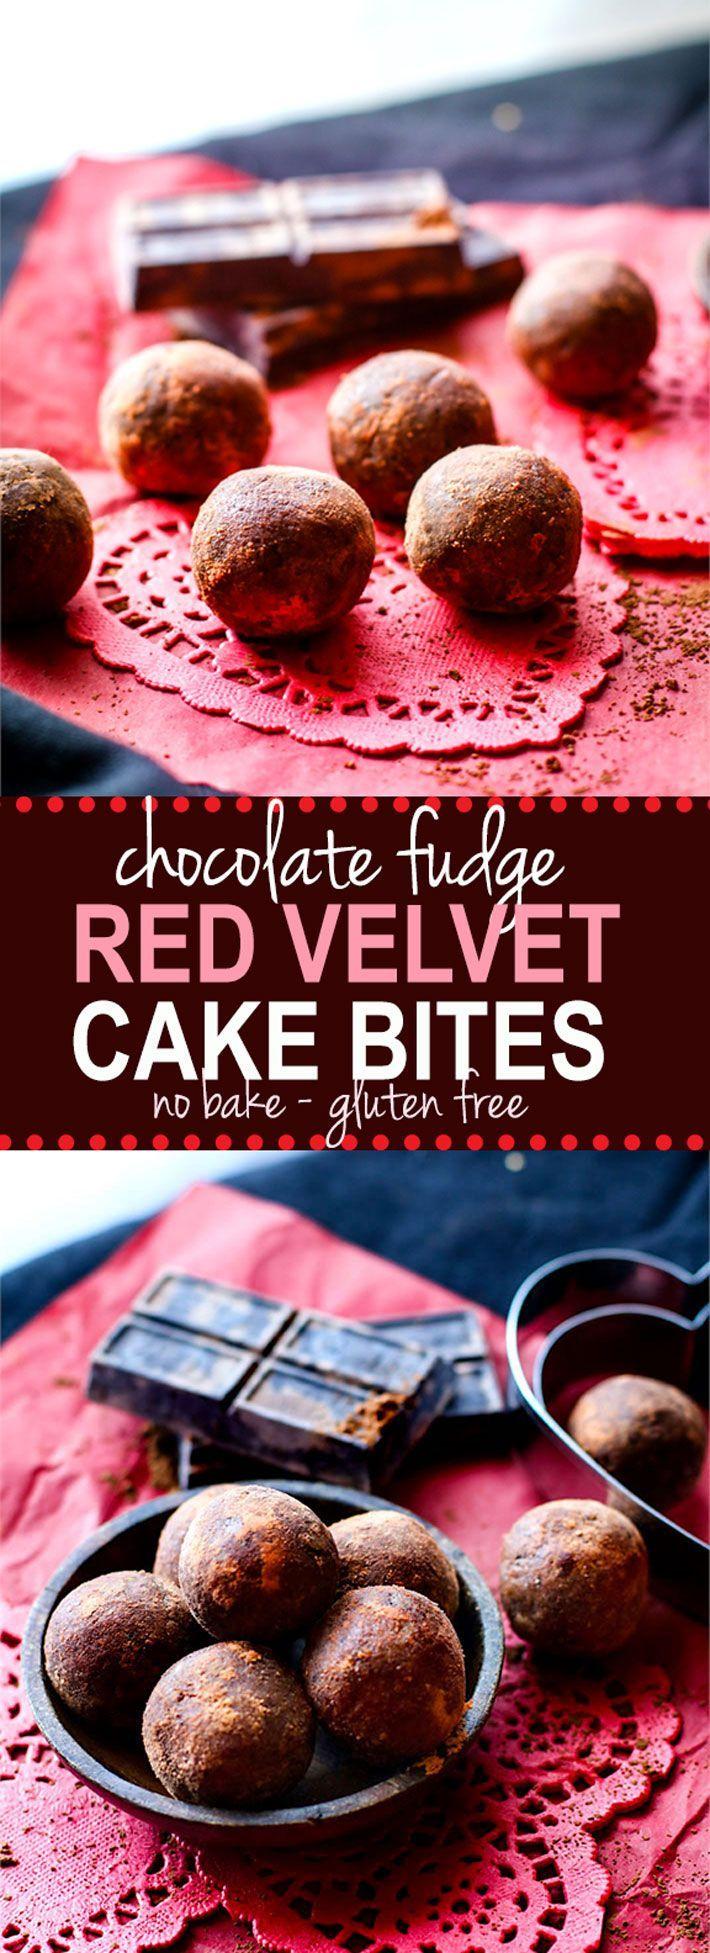 Chocolate Fudge Red Velvet Cake Bites! Gluten Free red velvet cake ...